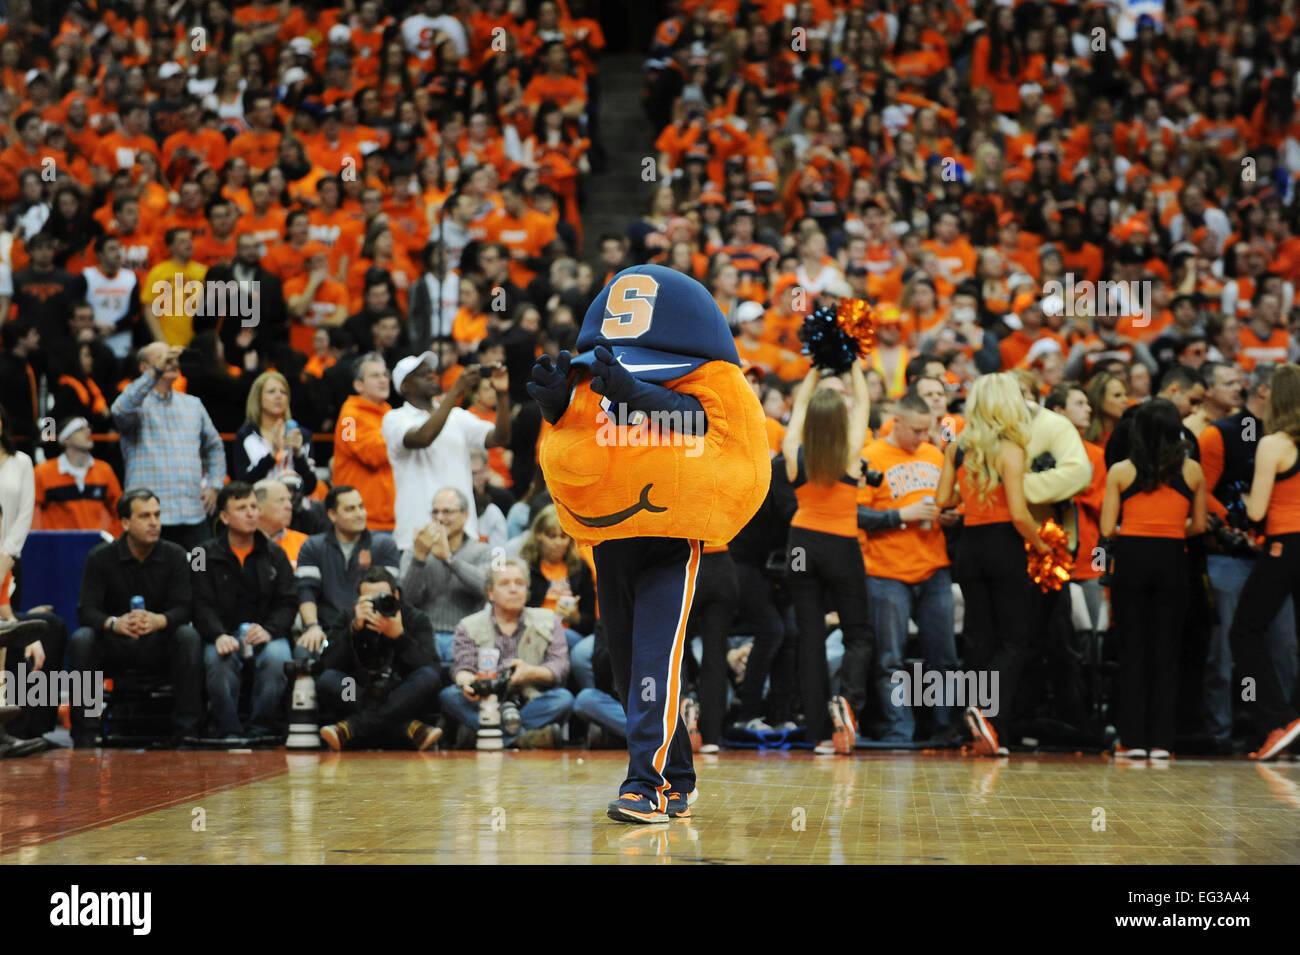 Syracuse Ny Usa 14th Feb 2015 Feb 14 2015 The Syracuse Stock